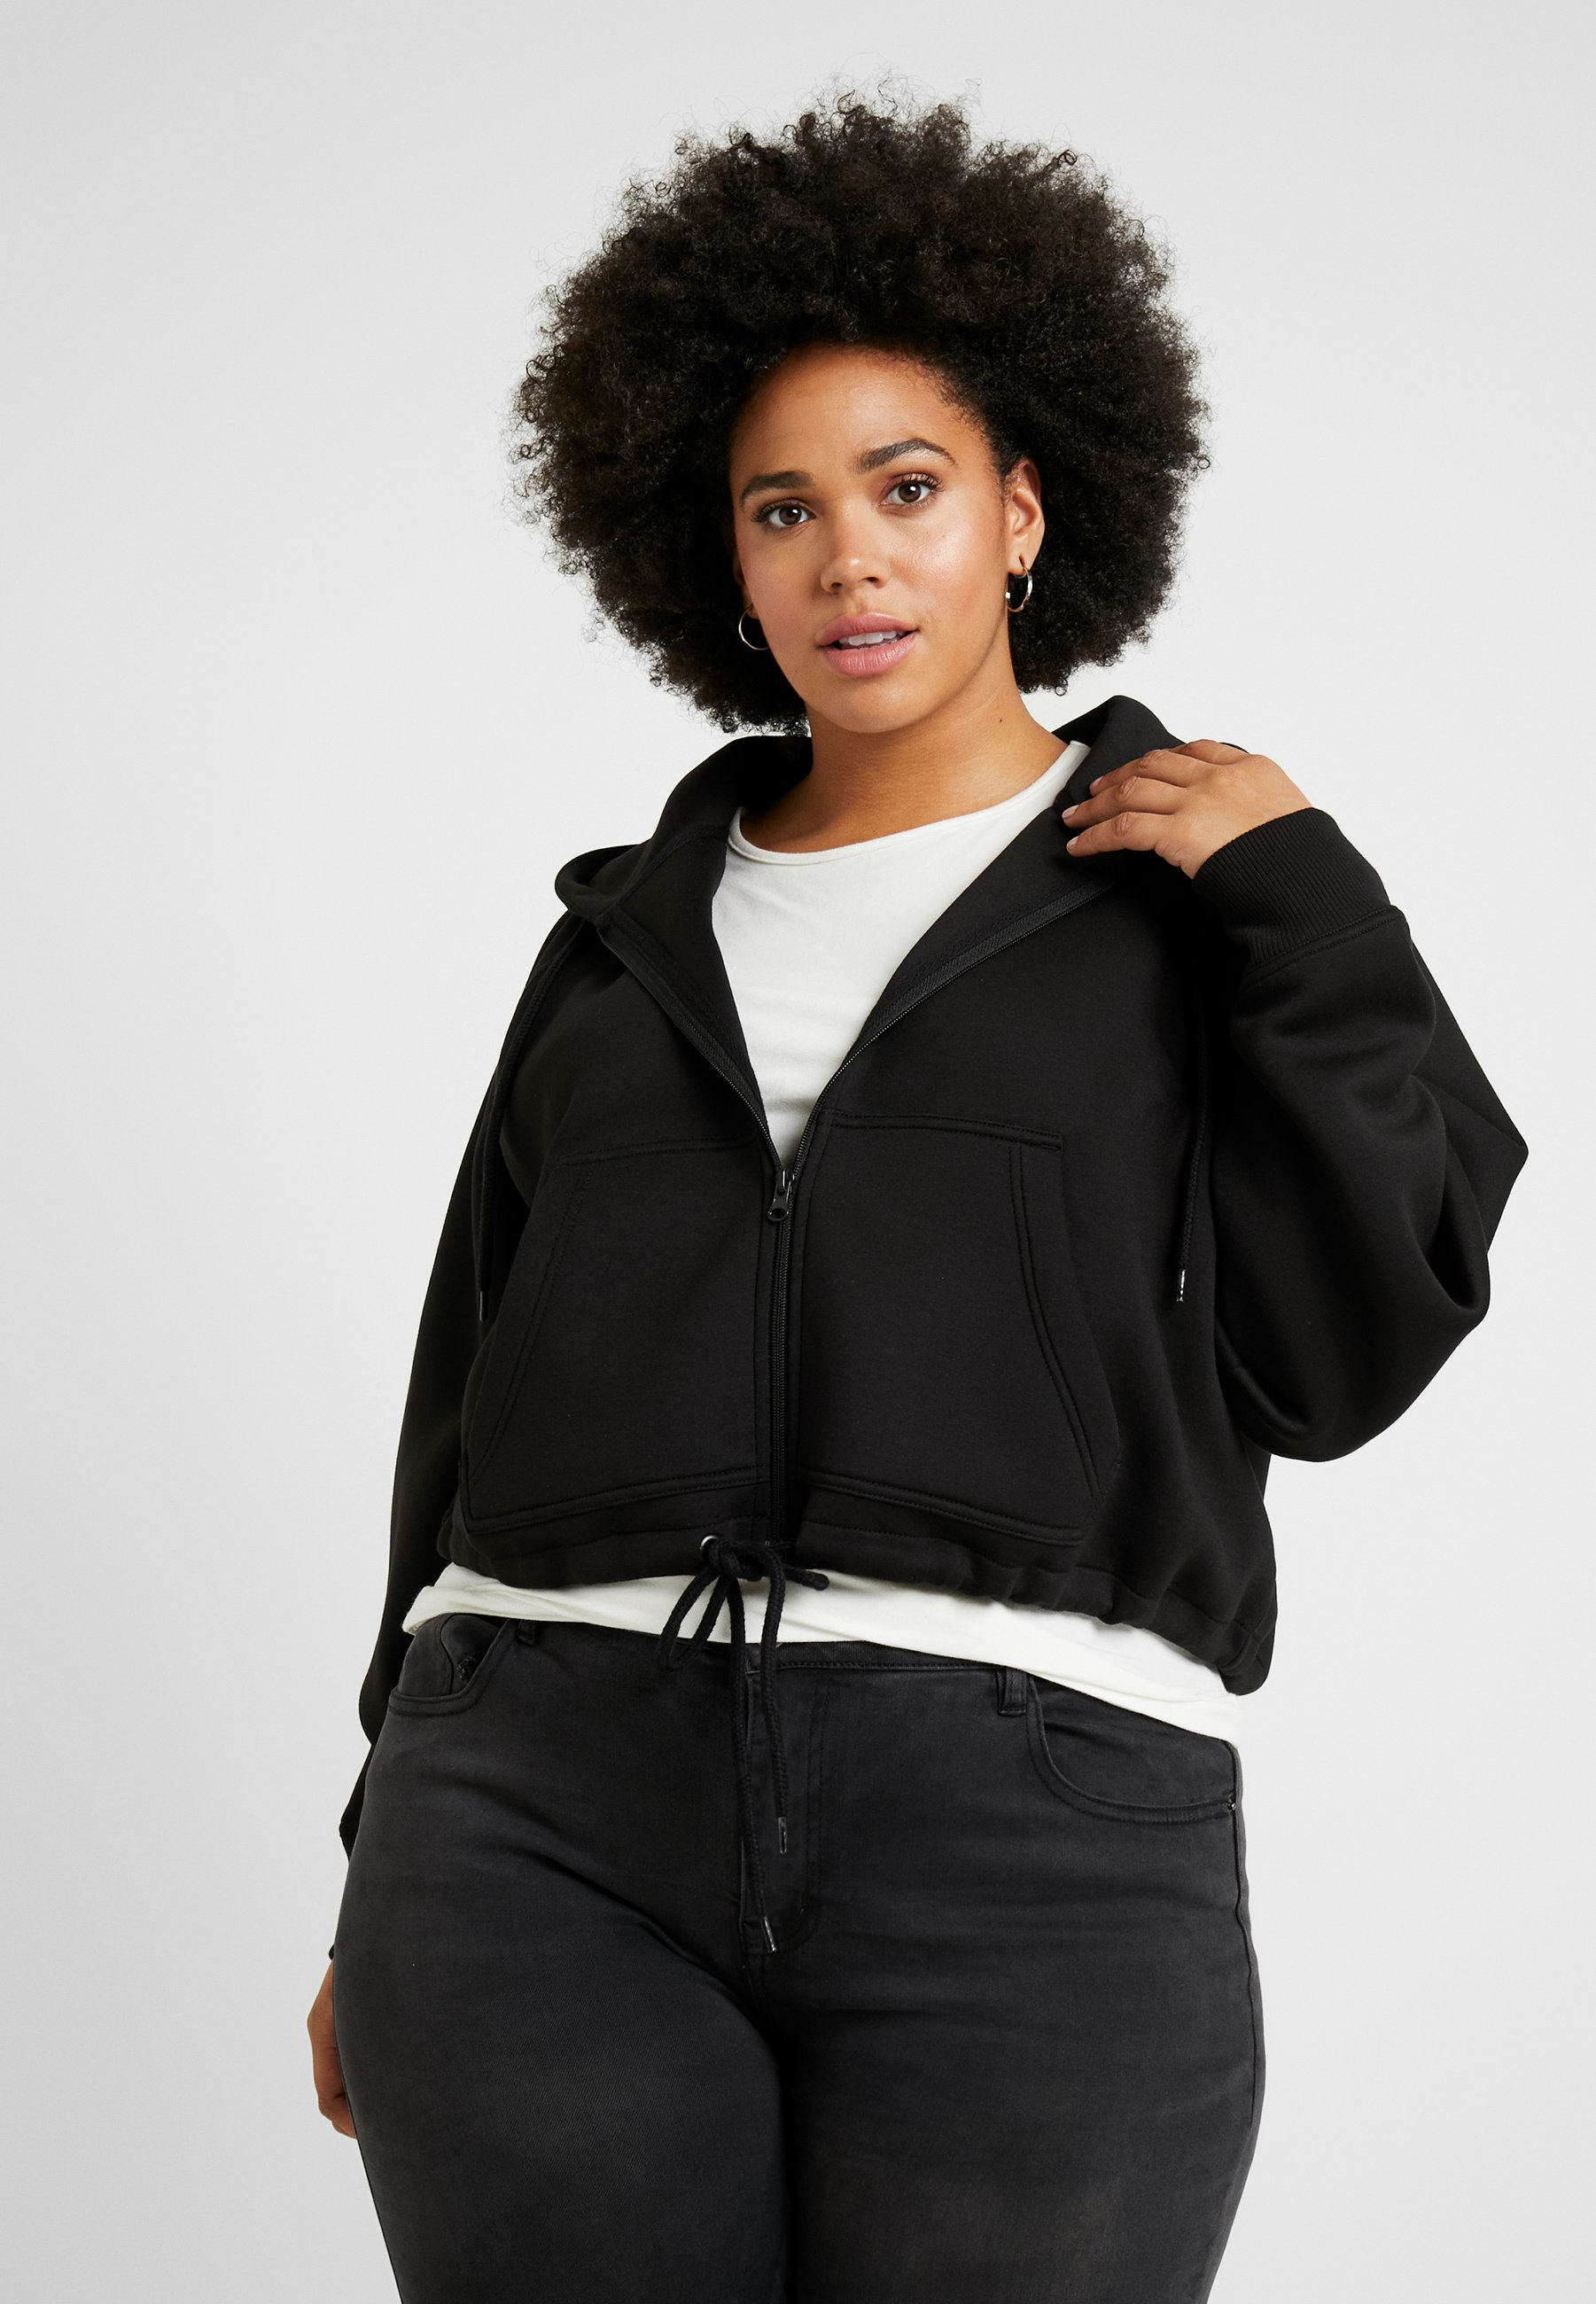 Women LADIES OVERSIZED SHORT RAGLAN ZIP HOODY - Zip-up sweatshirt